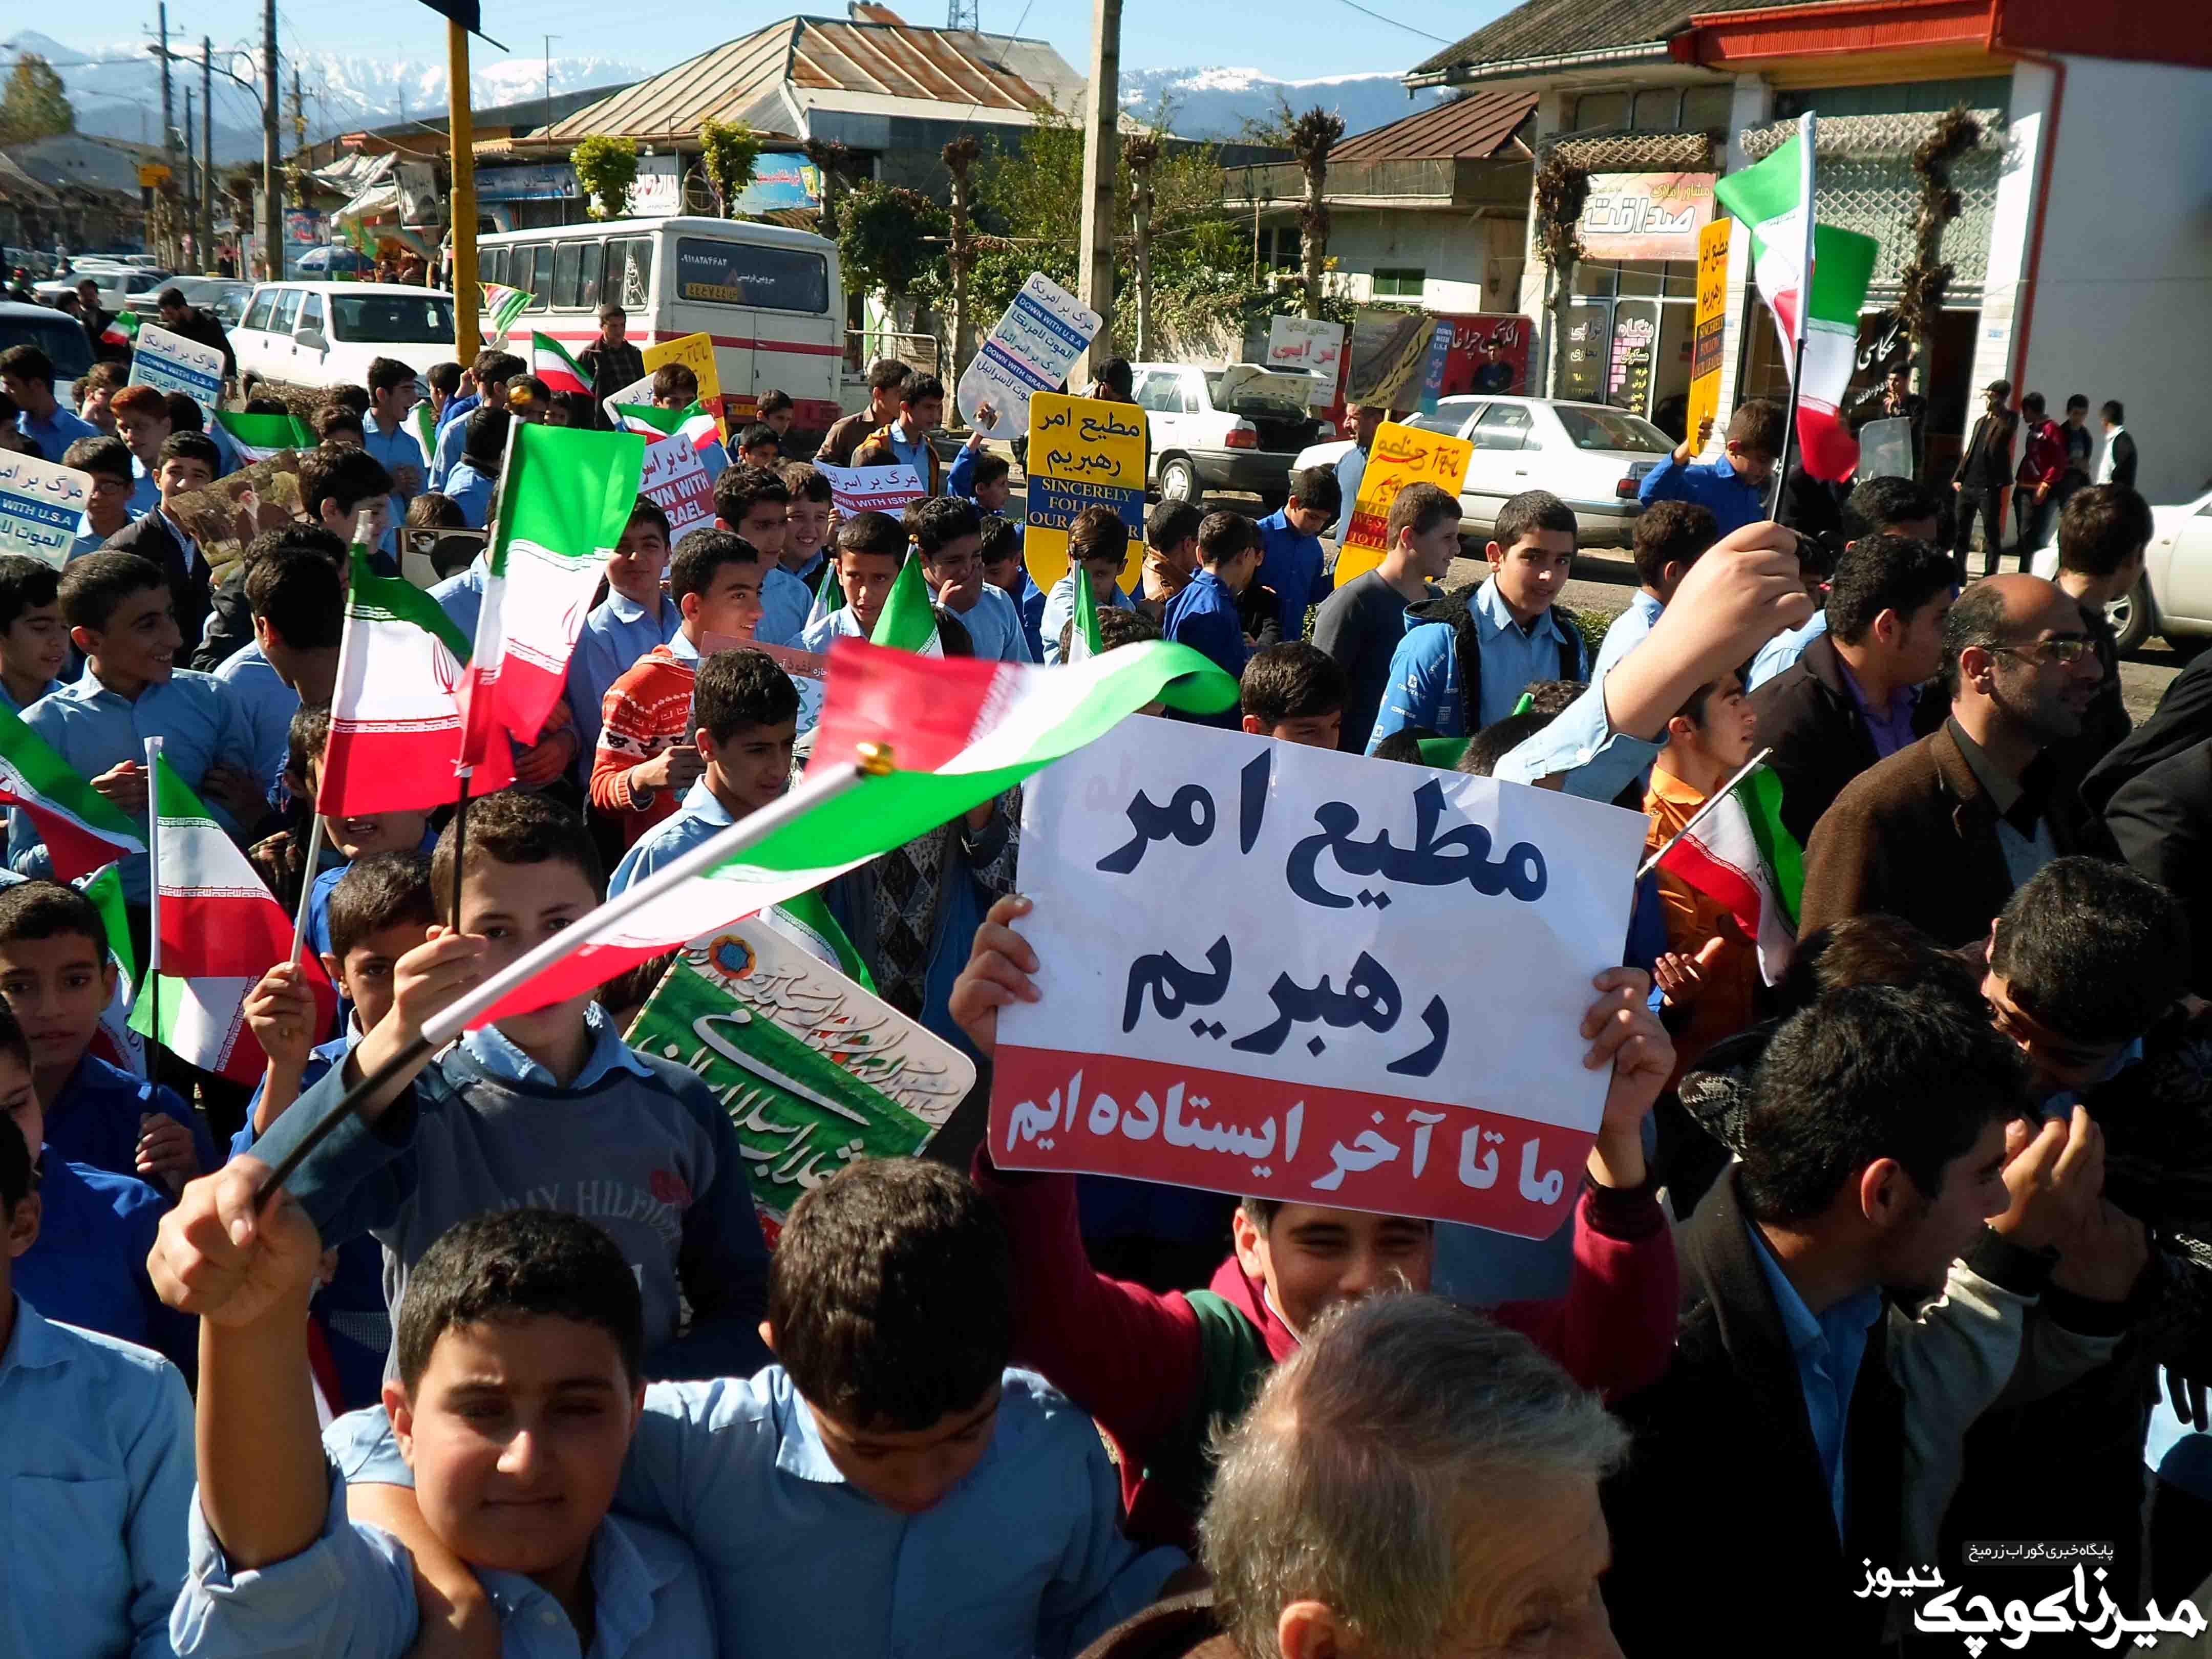 گزارش تصویری از راهپیمایی روز 13 آبان بخش میرزا کوچک